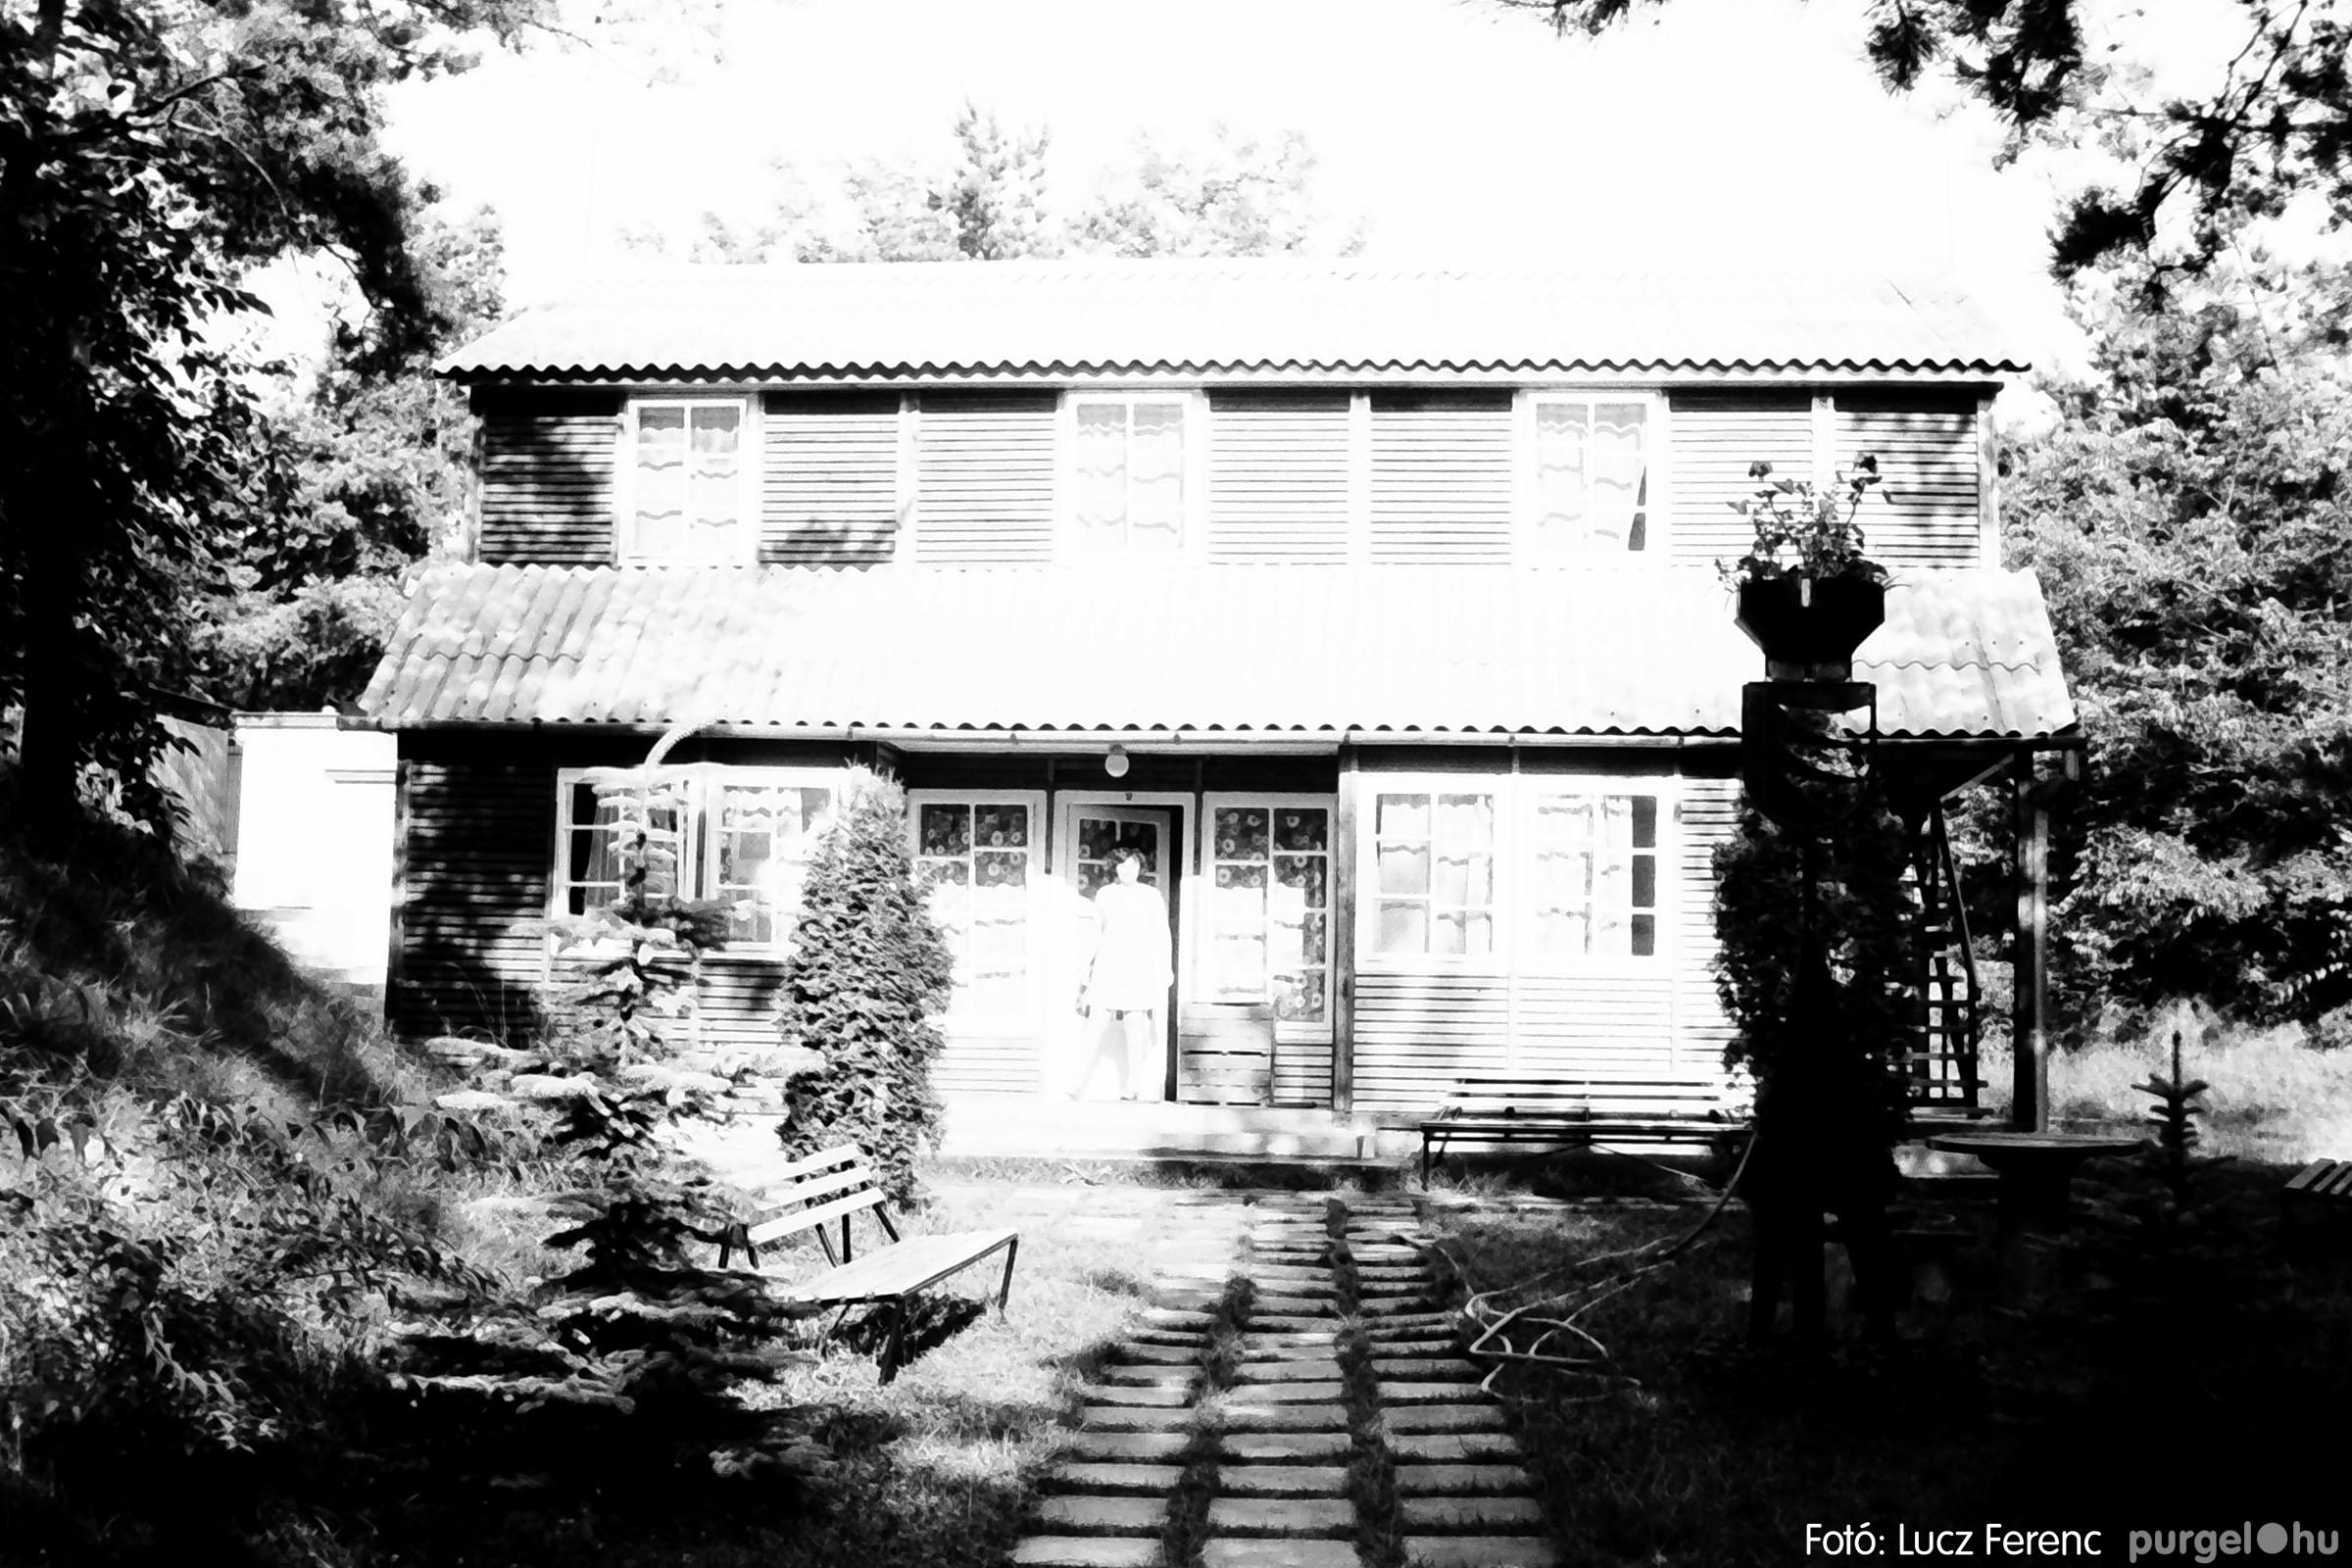 020 1975. Tábor Nyíregyháza-Sóstón 005 - Fotó: Lucz Ferenc .jpg